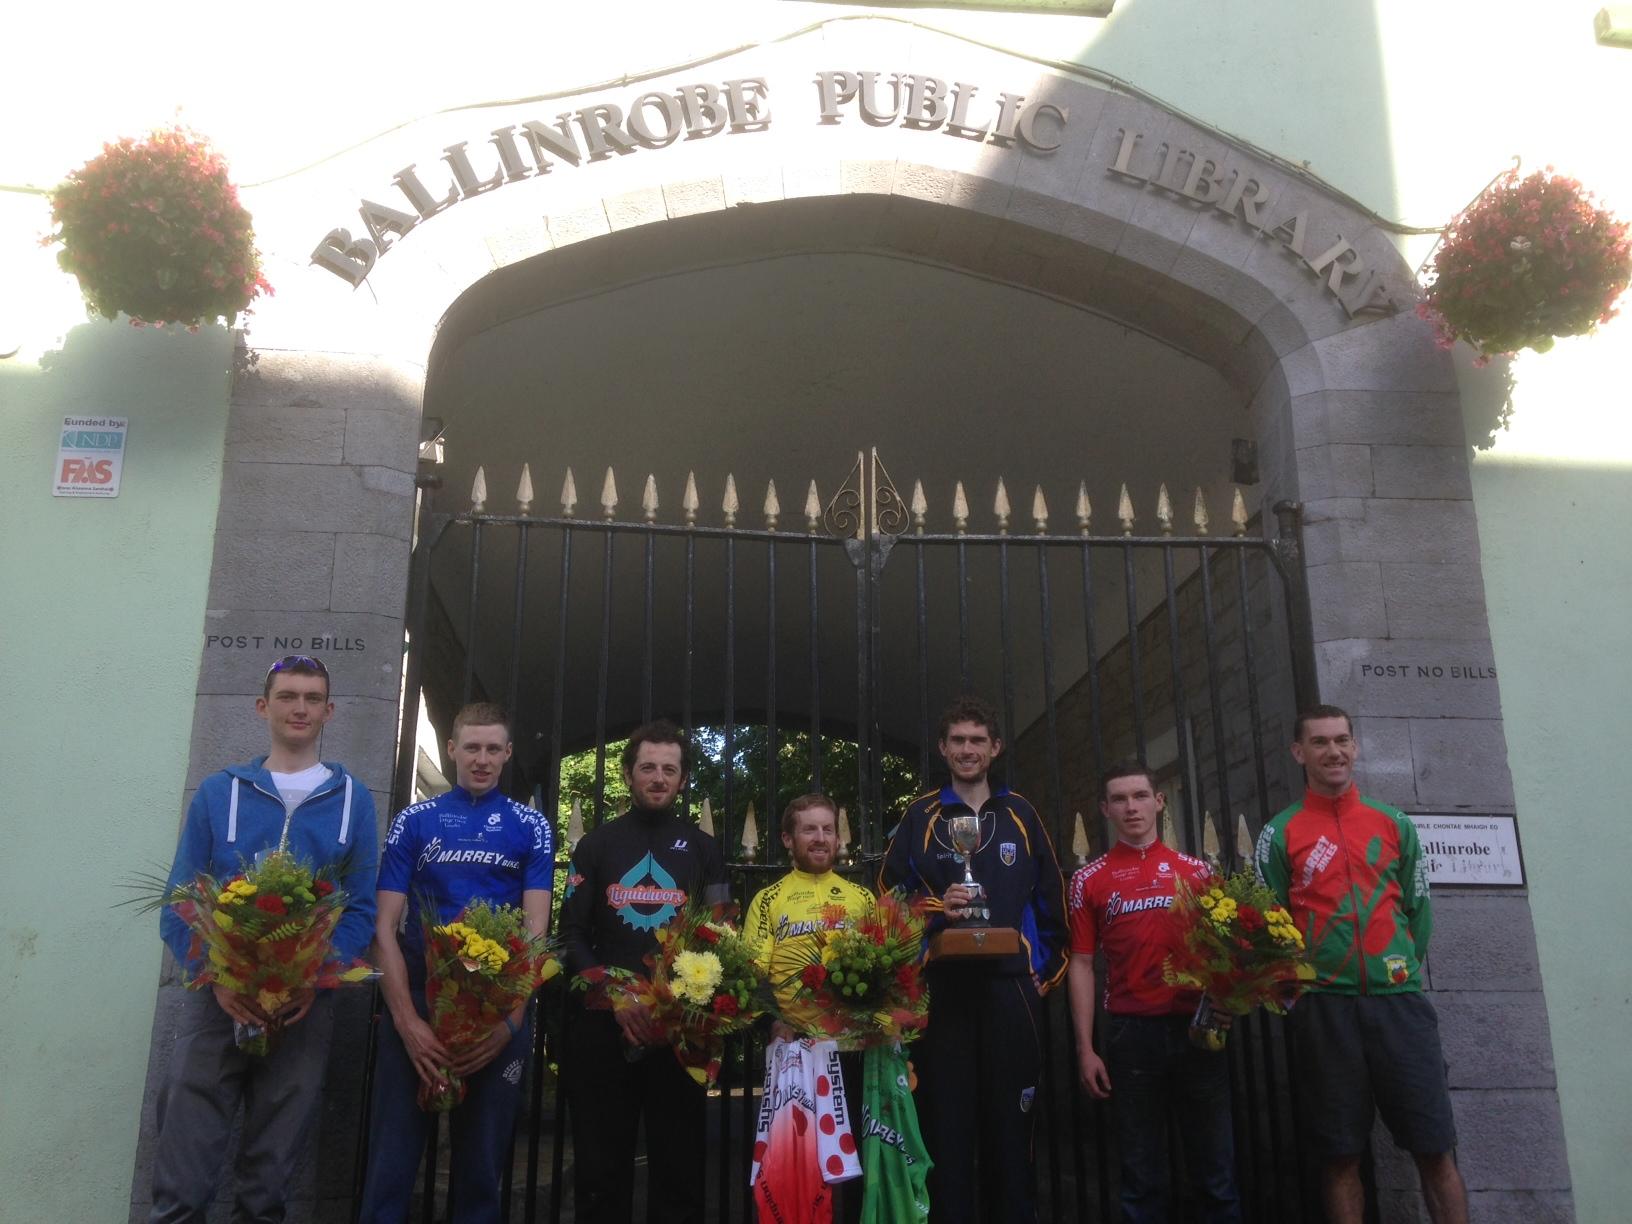 Jersey winners 2014